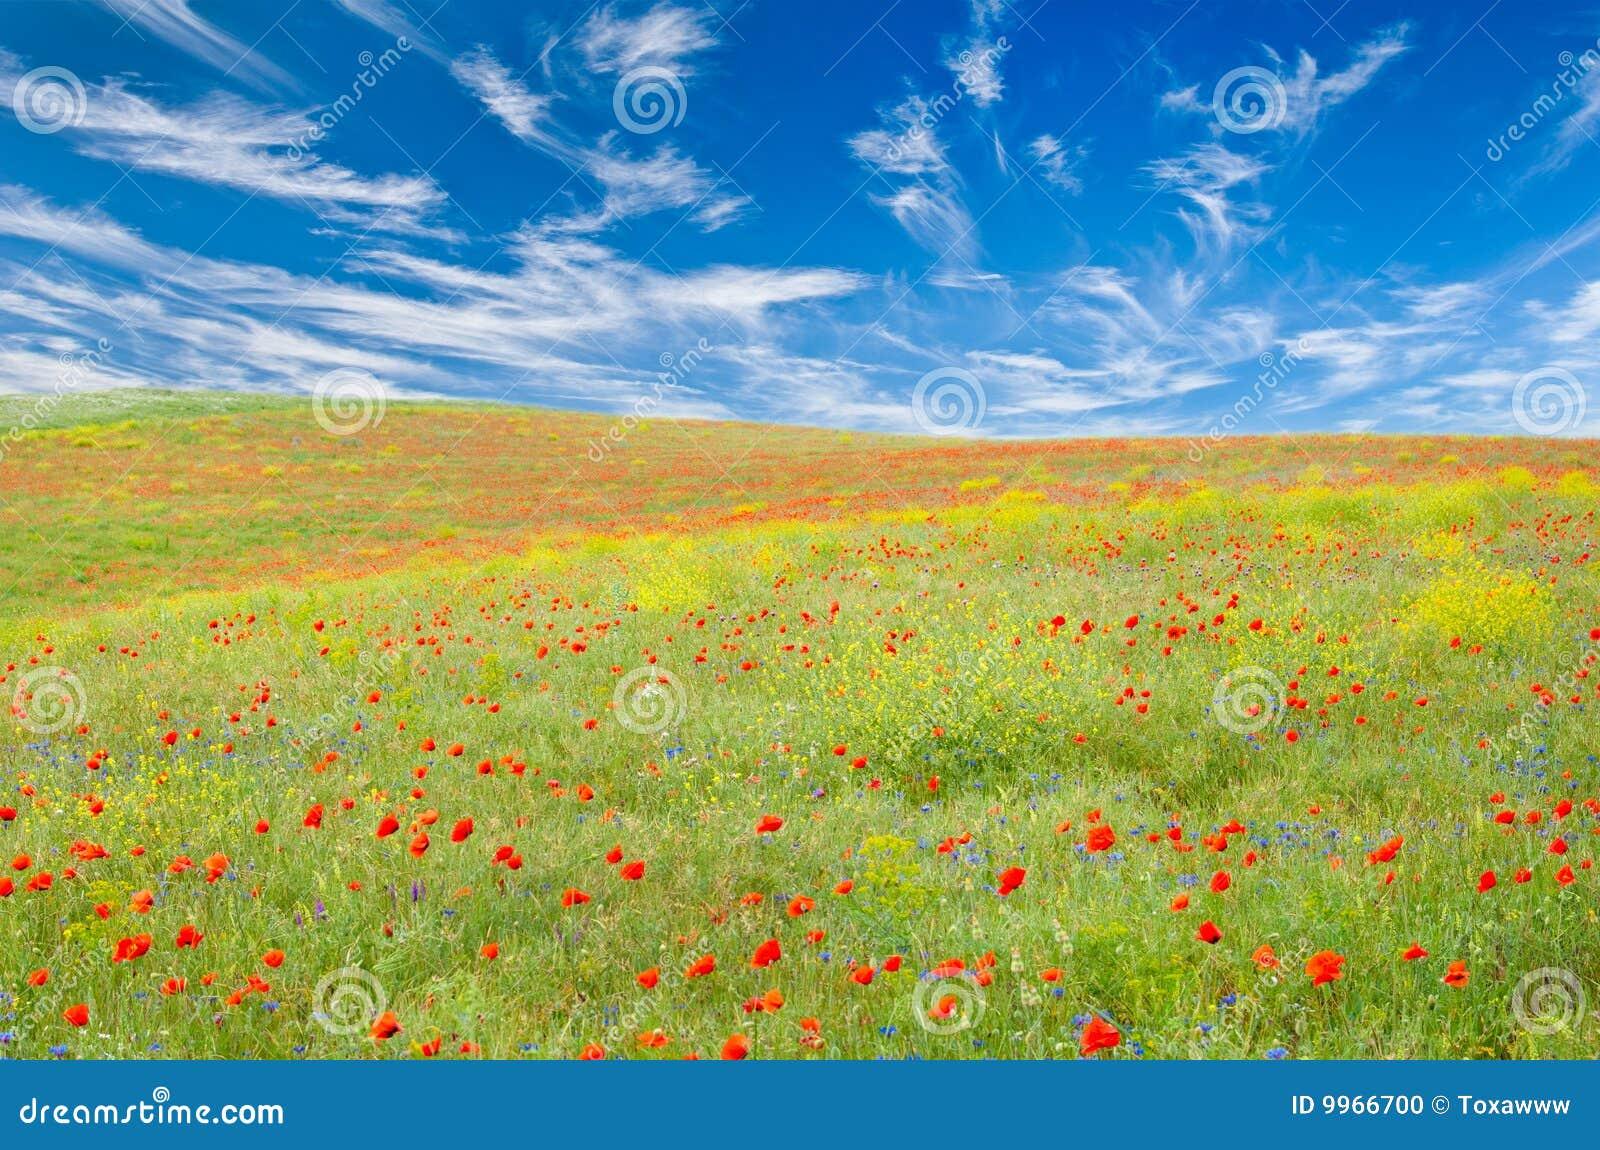 wiese mit mohnblumen cornflowers gelbe blumen stockfoto bild von fleecy landschaft 9966700. Black Bedroom Furniture Sets. Home Design Ideas